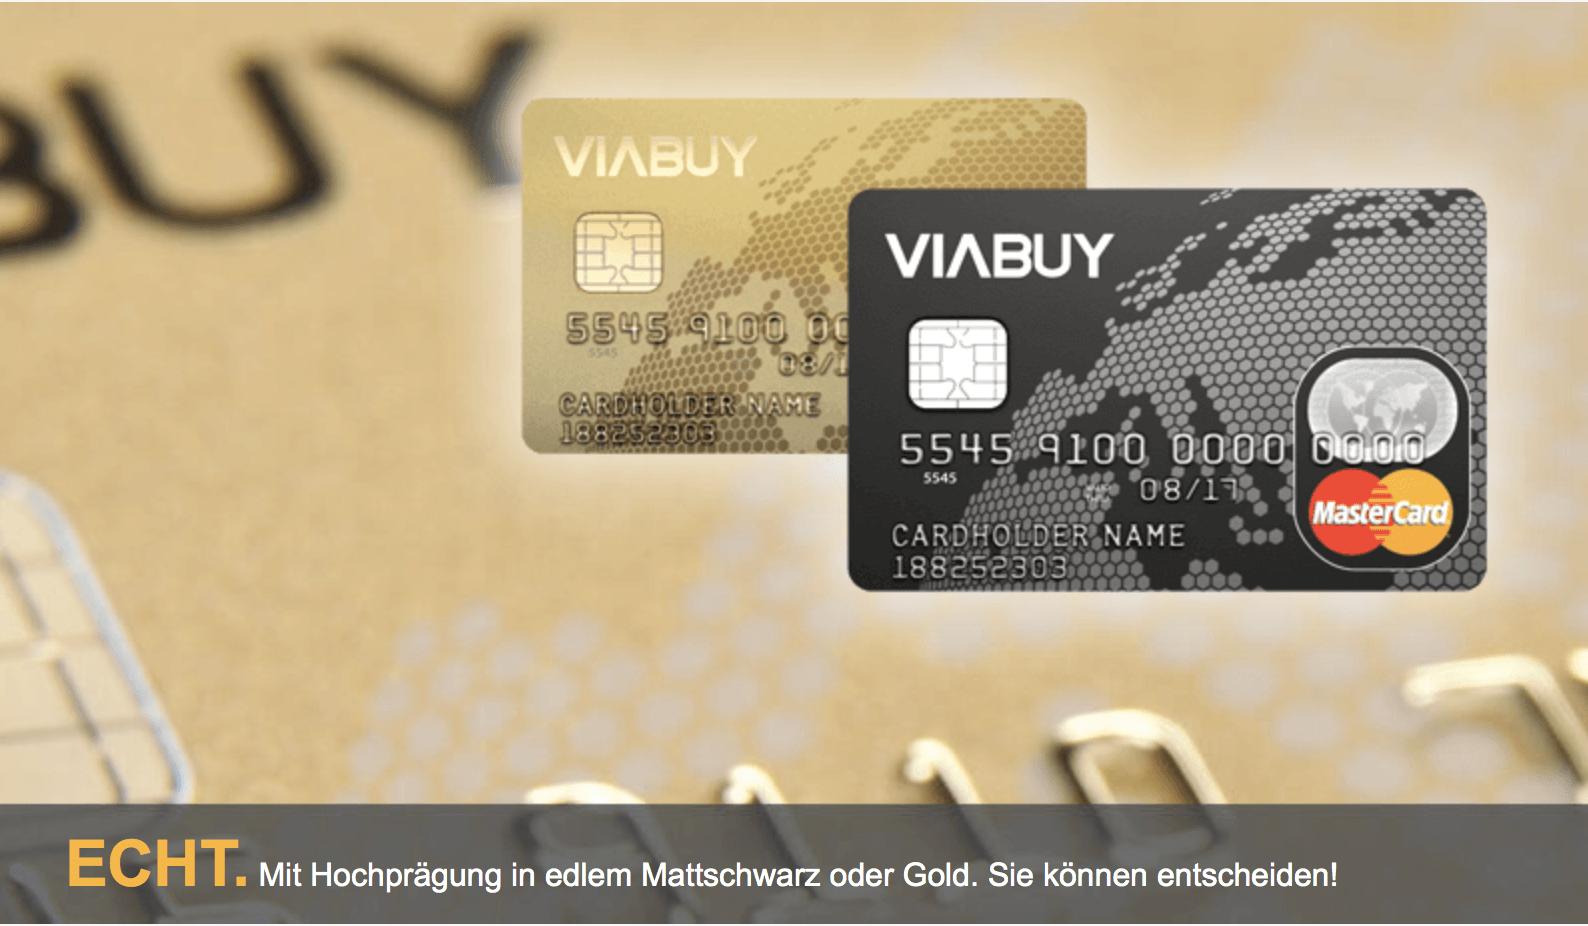 Die VIABUY MasterCard auf Guthabenbasis ist in zwei Ausführungen erhältlich.